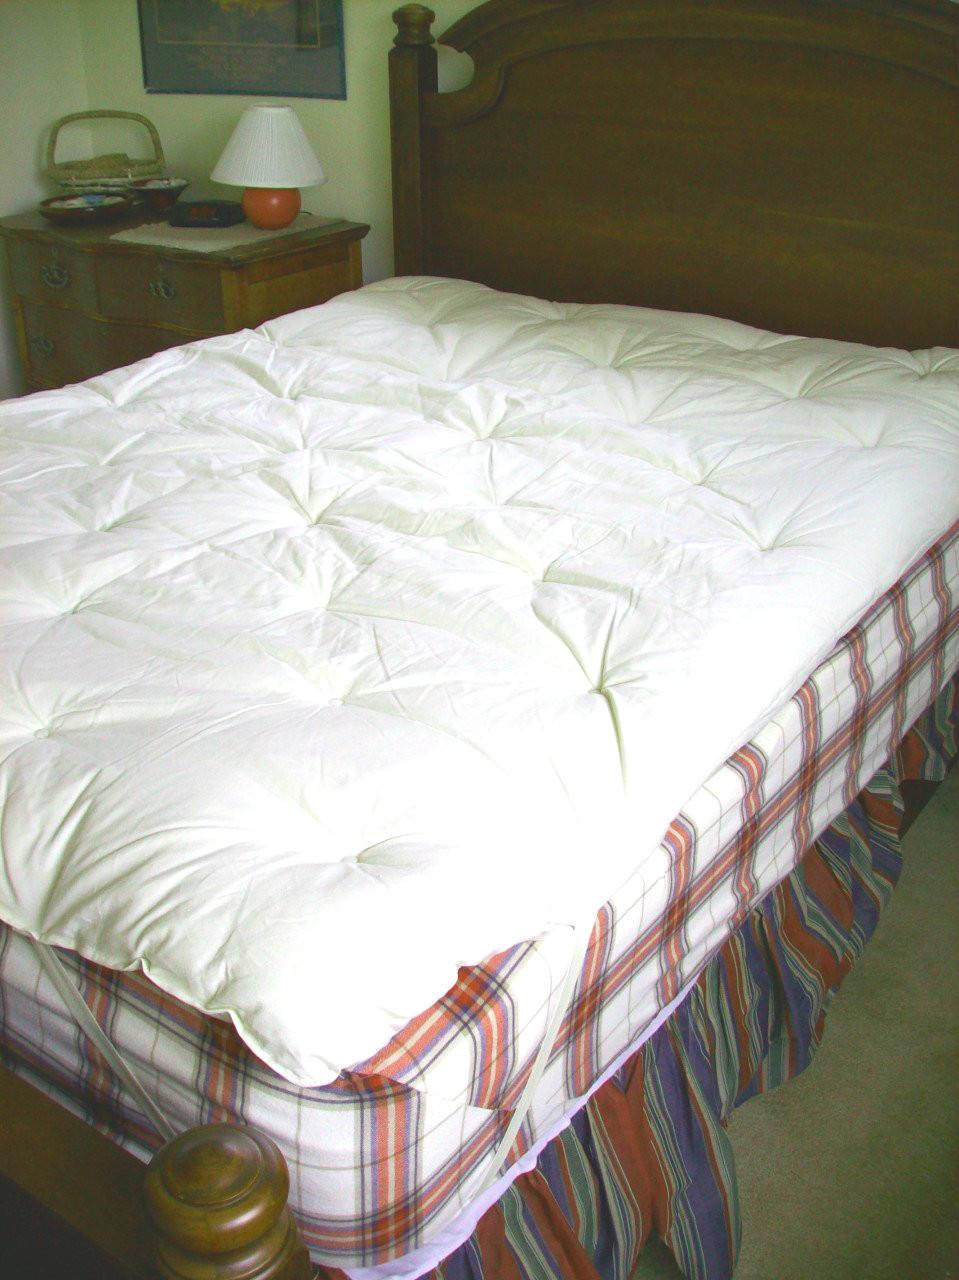 Wool Mattress Topper With Organic Hemp Cotton Encasement